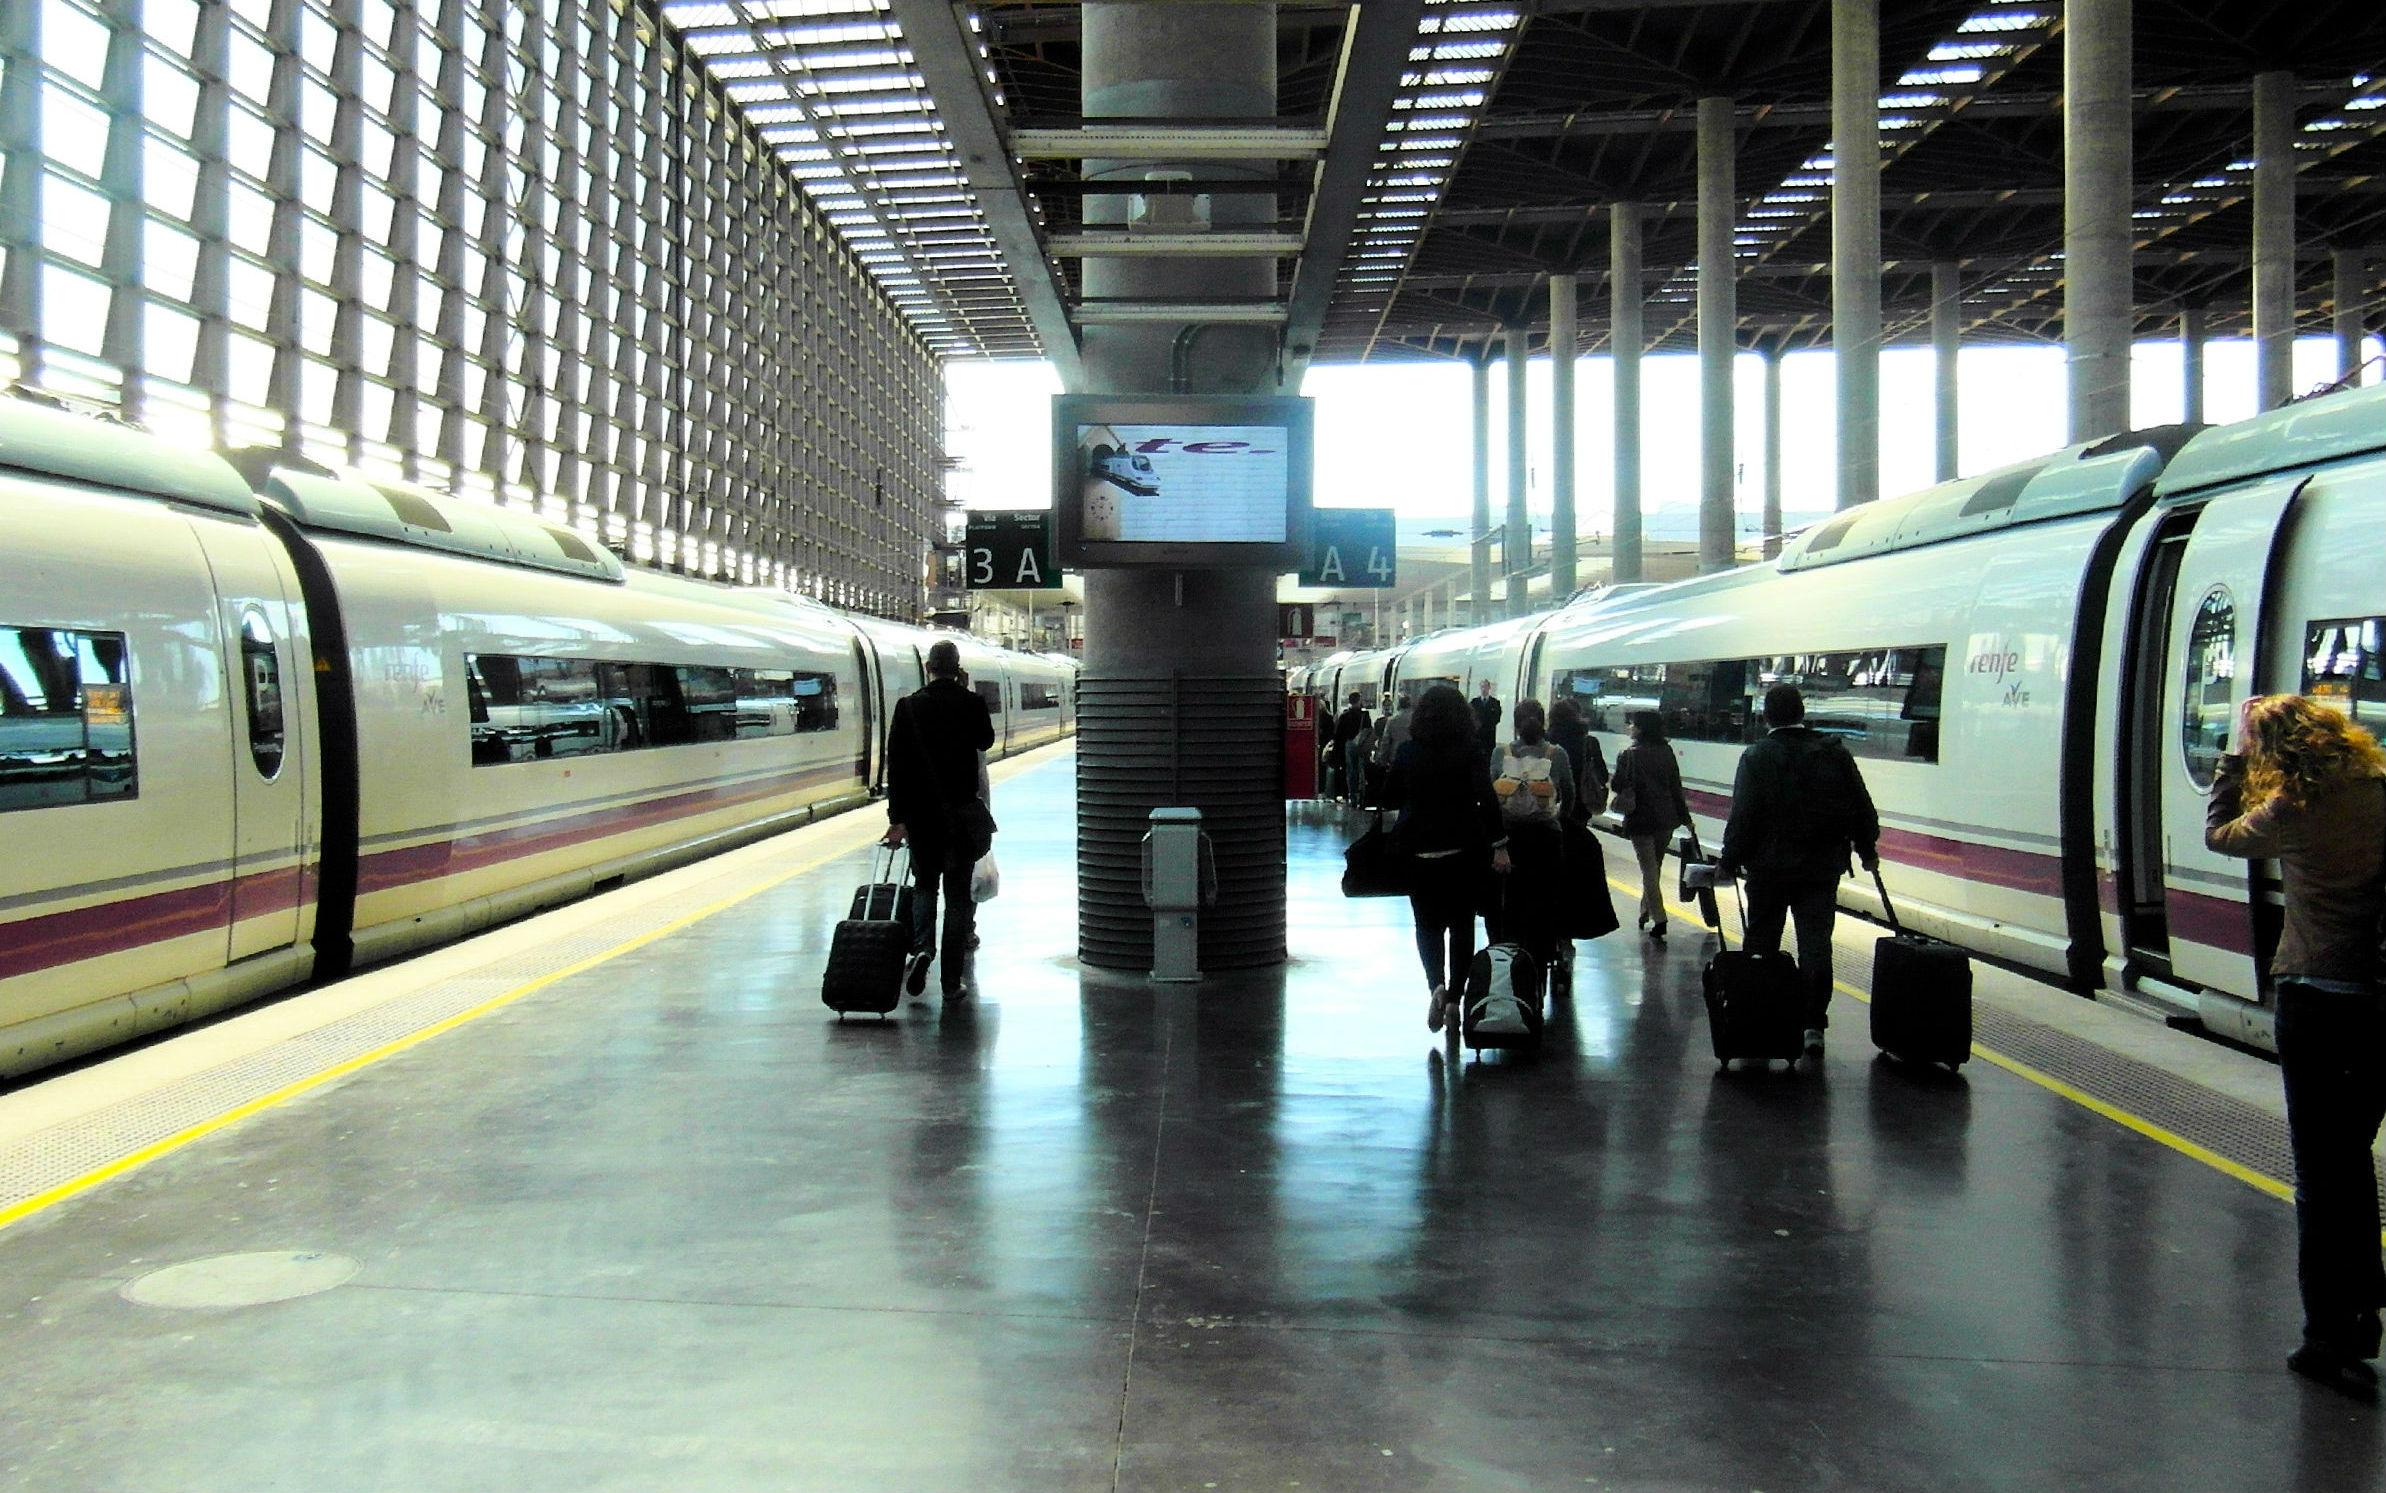 Pasajeros en la estación de tren de Atocha, en Madrid.